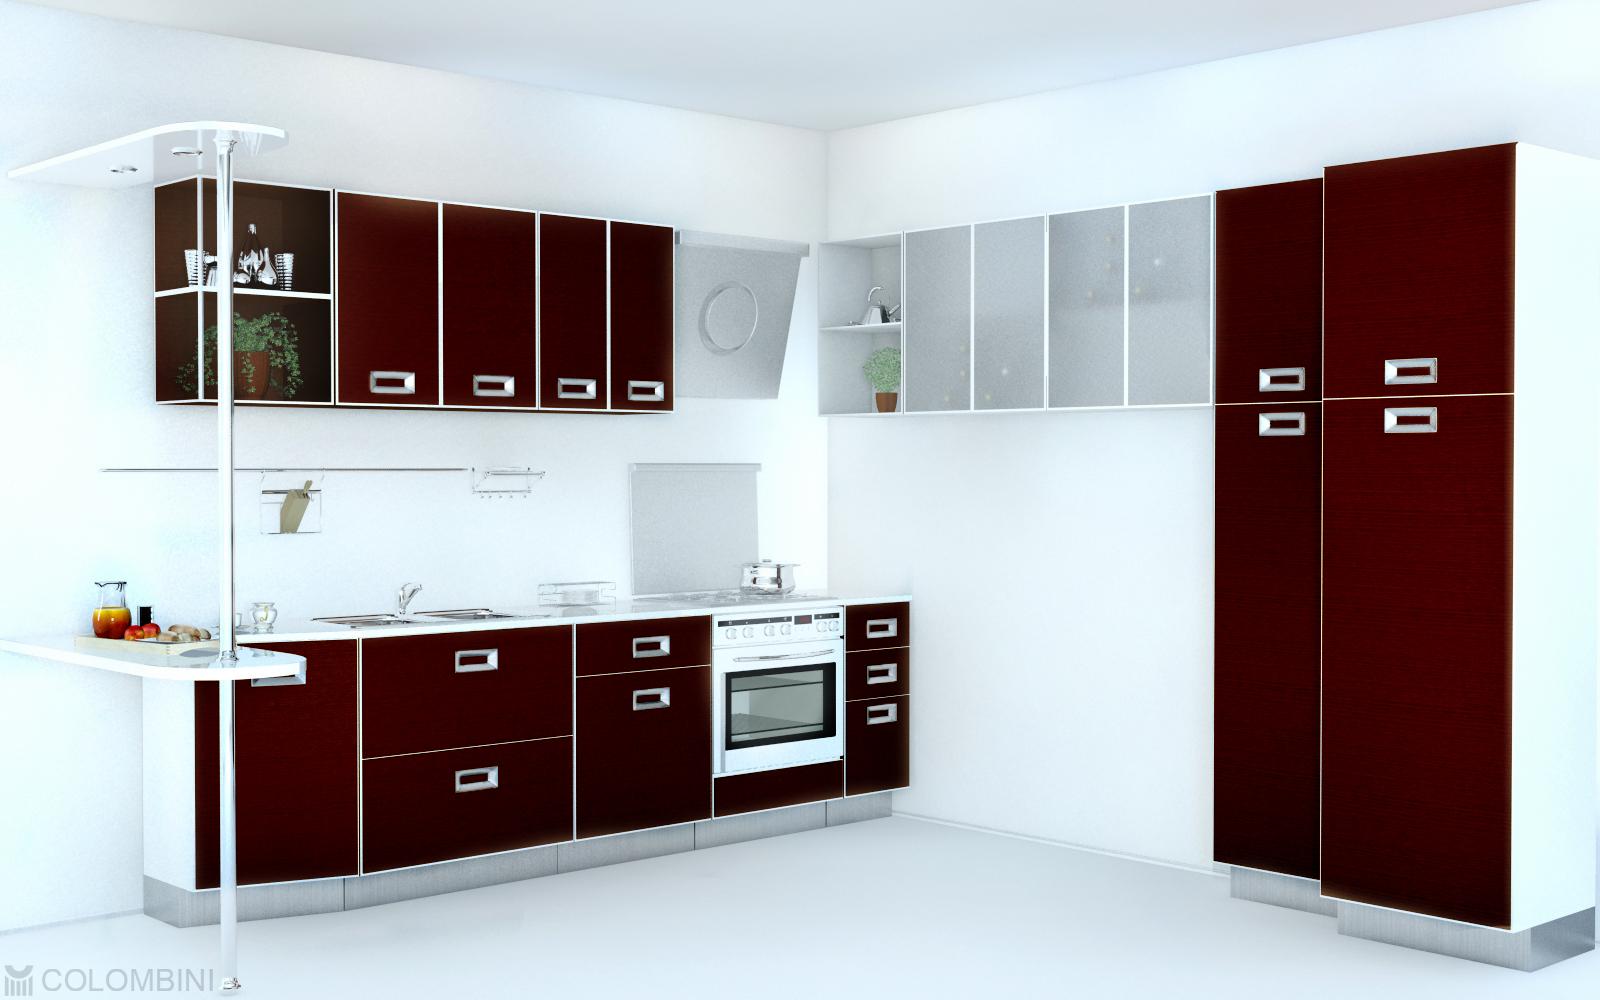 kitchen interiork1borg on deviantart